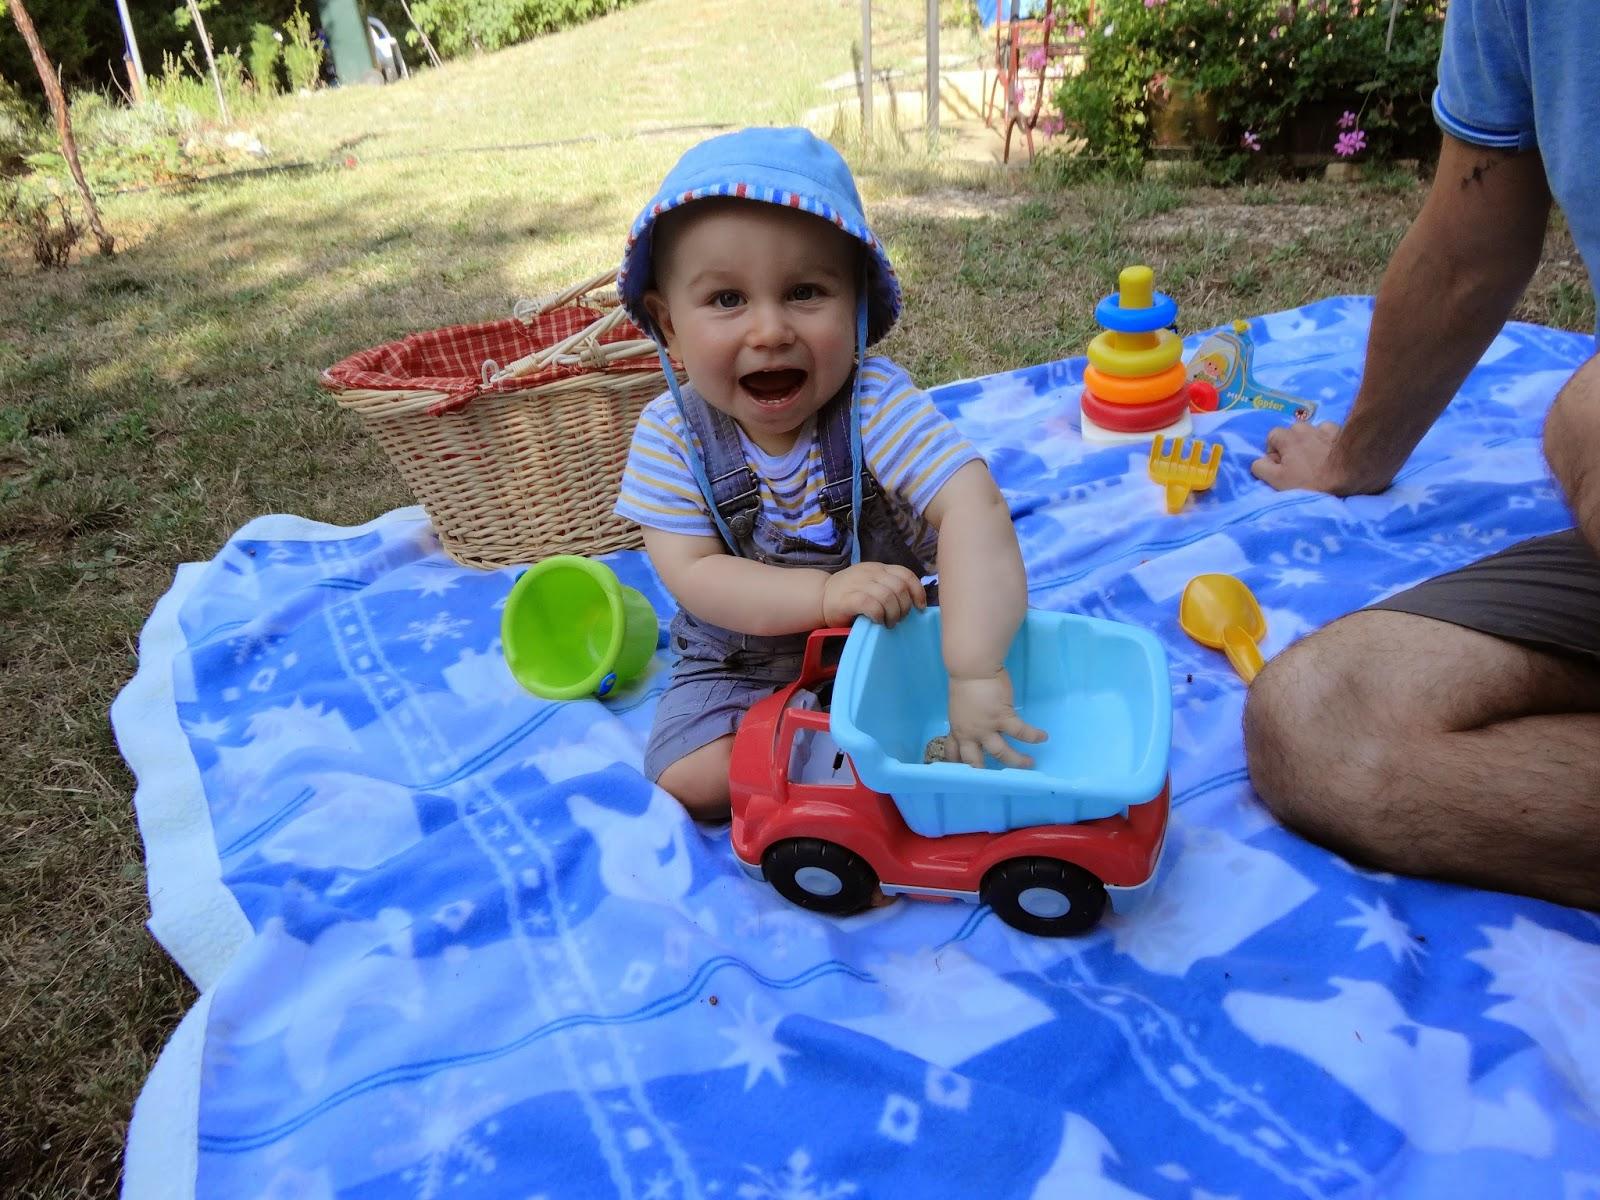 Les yeux grands ouverts en vacances chez mamie et papi du var dans le jardin avec tonton - Mamie baise dans le jardin ...